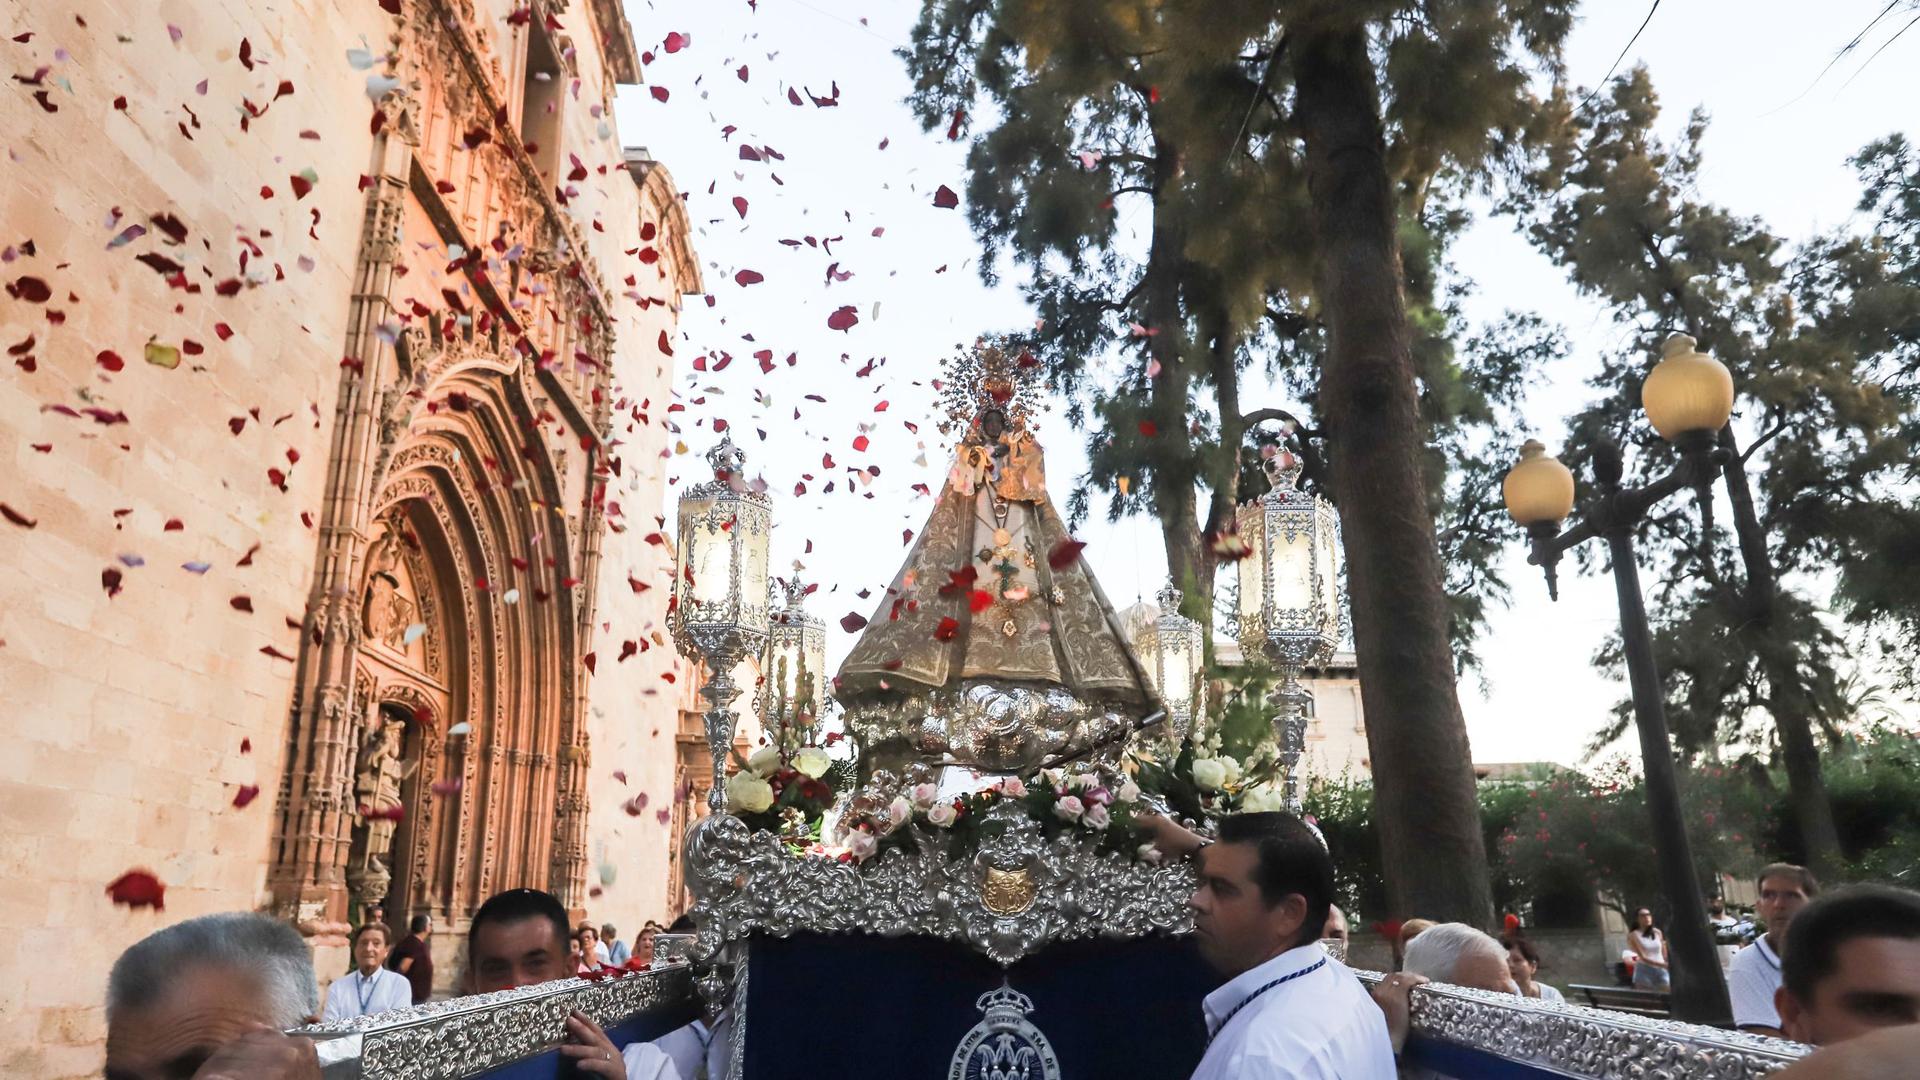 Festivitat de la Mare de Déu de Monserrate